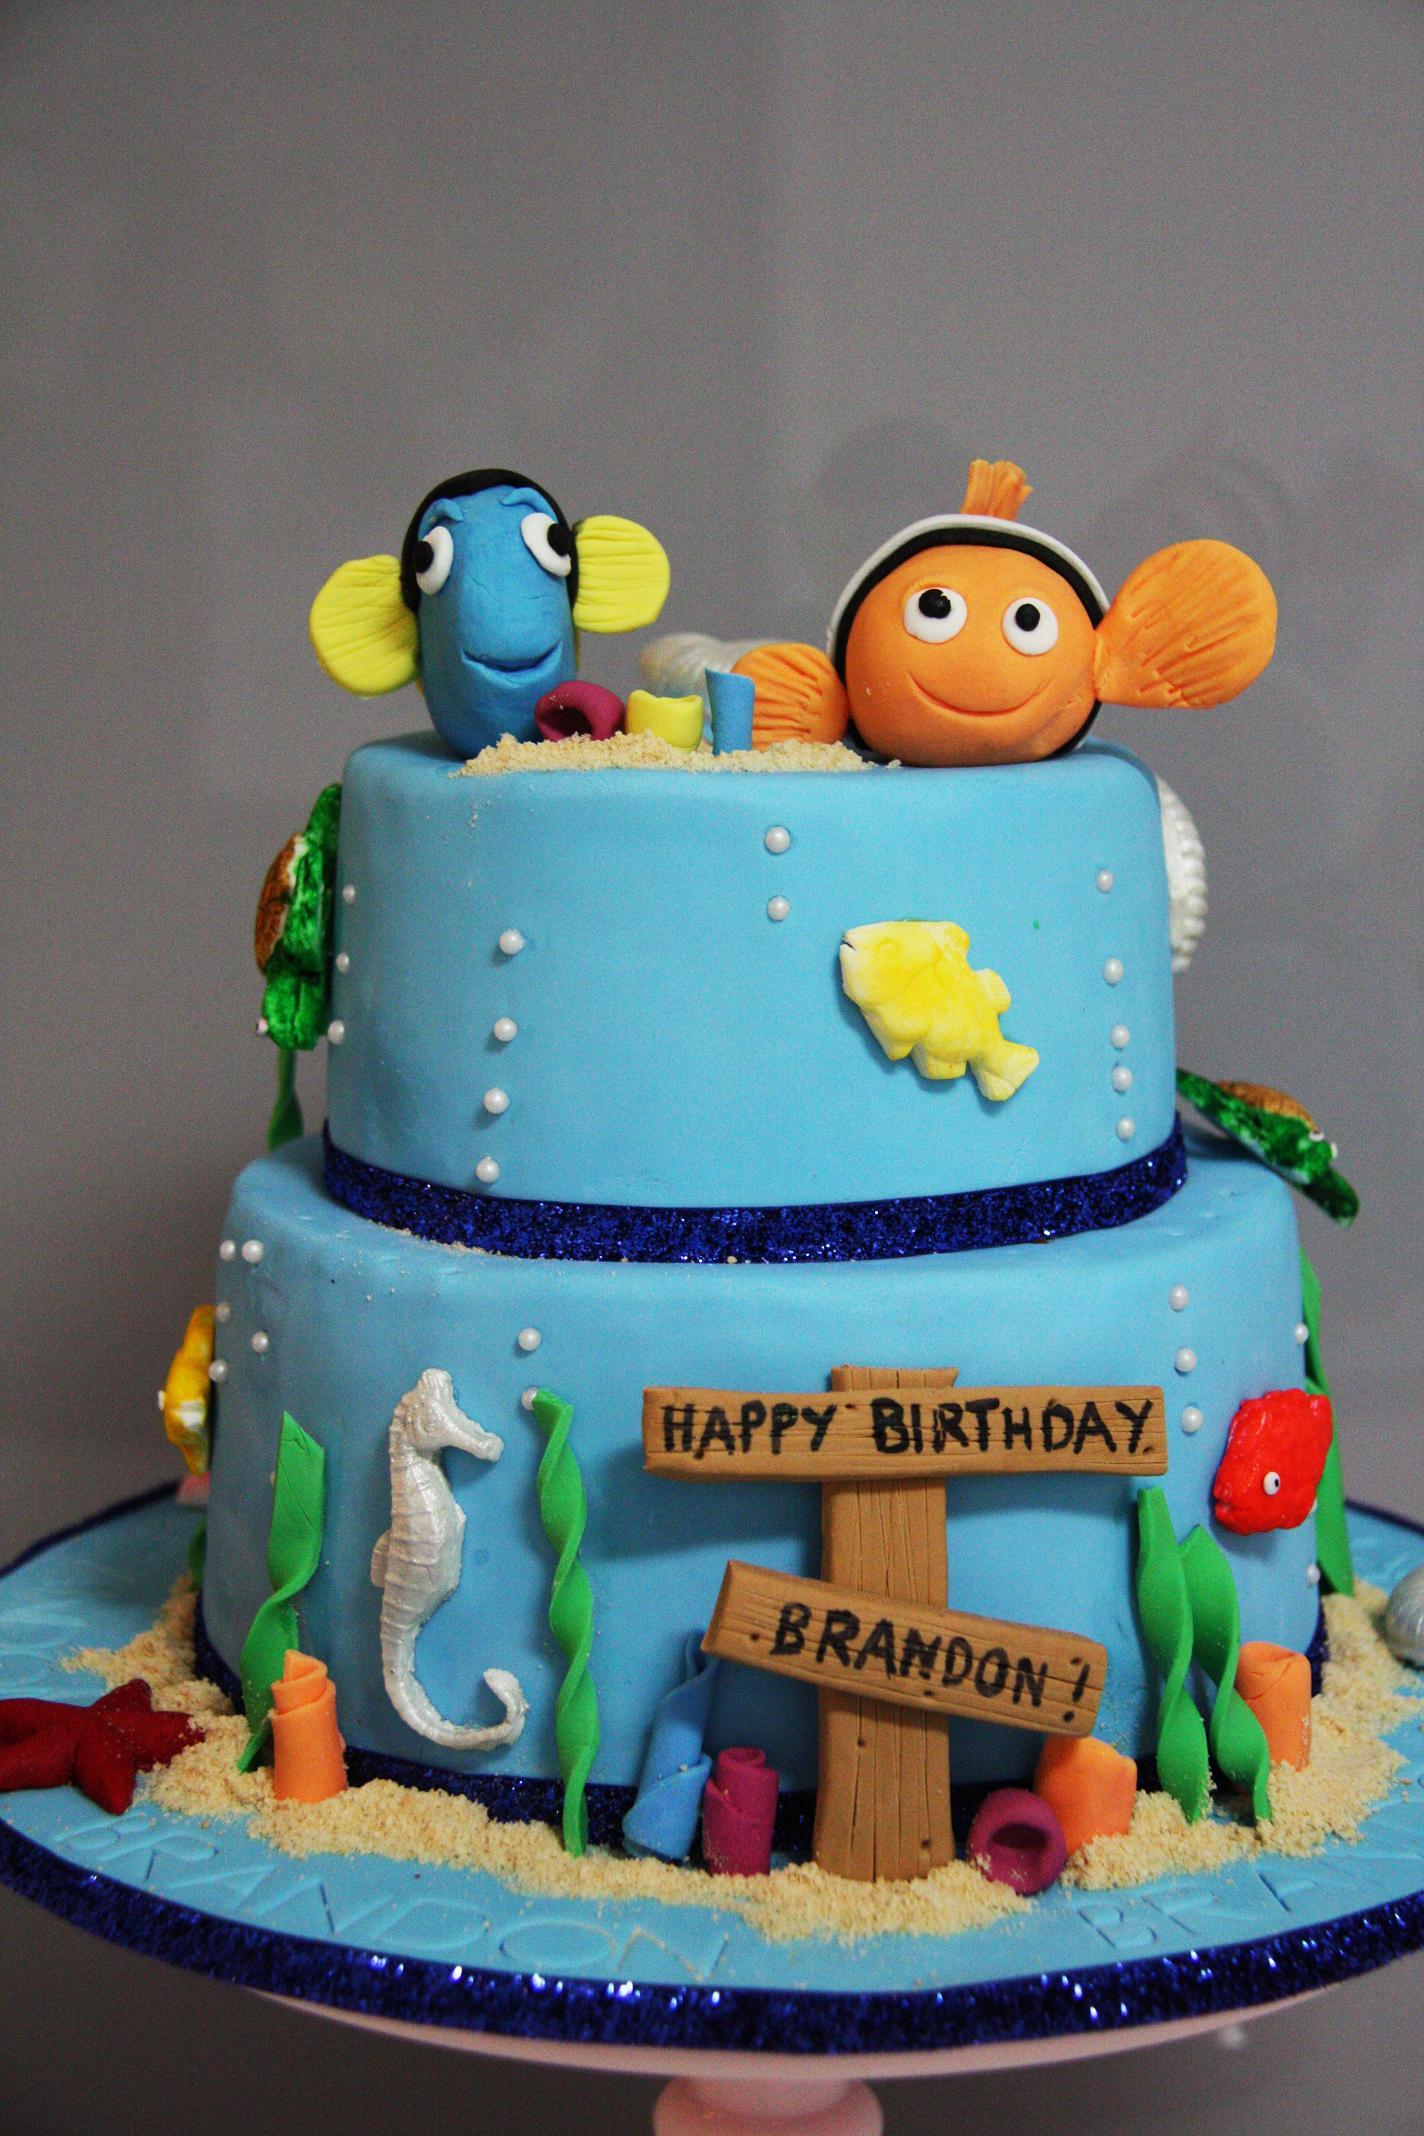 Cake Design Nemo : Nemo cake